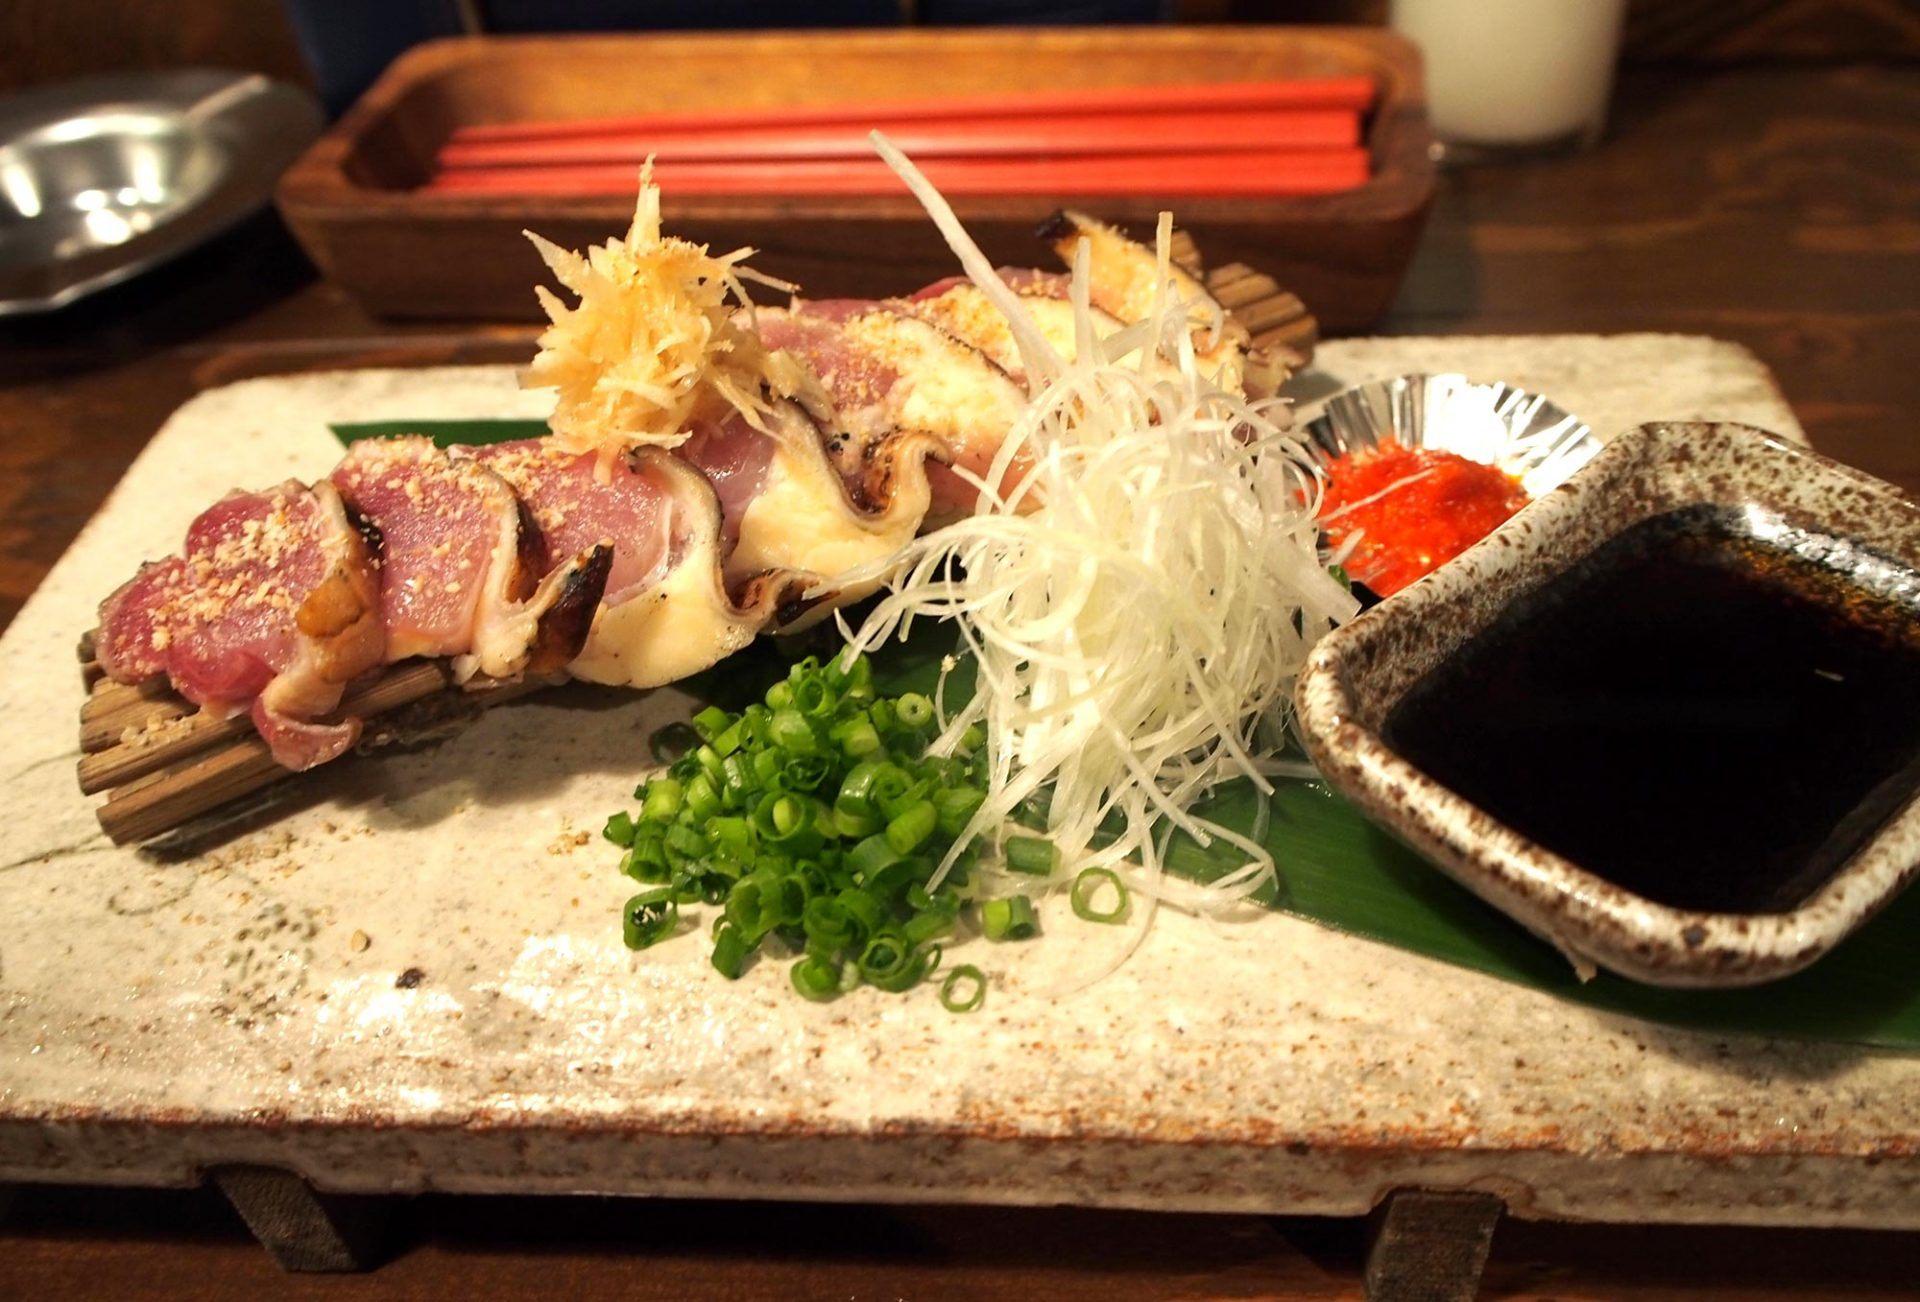 炭火烤土雞腿肉   600日圓